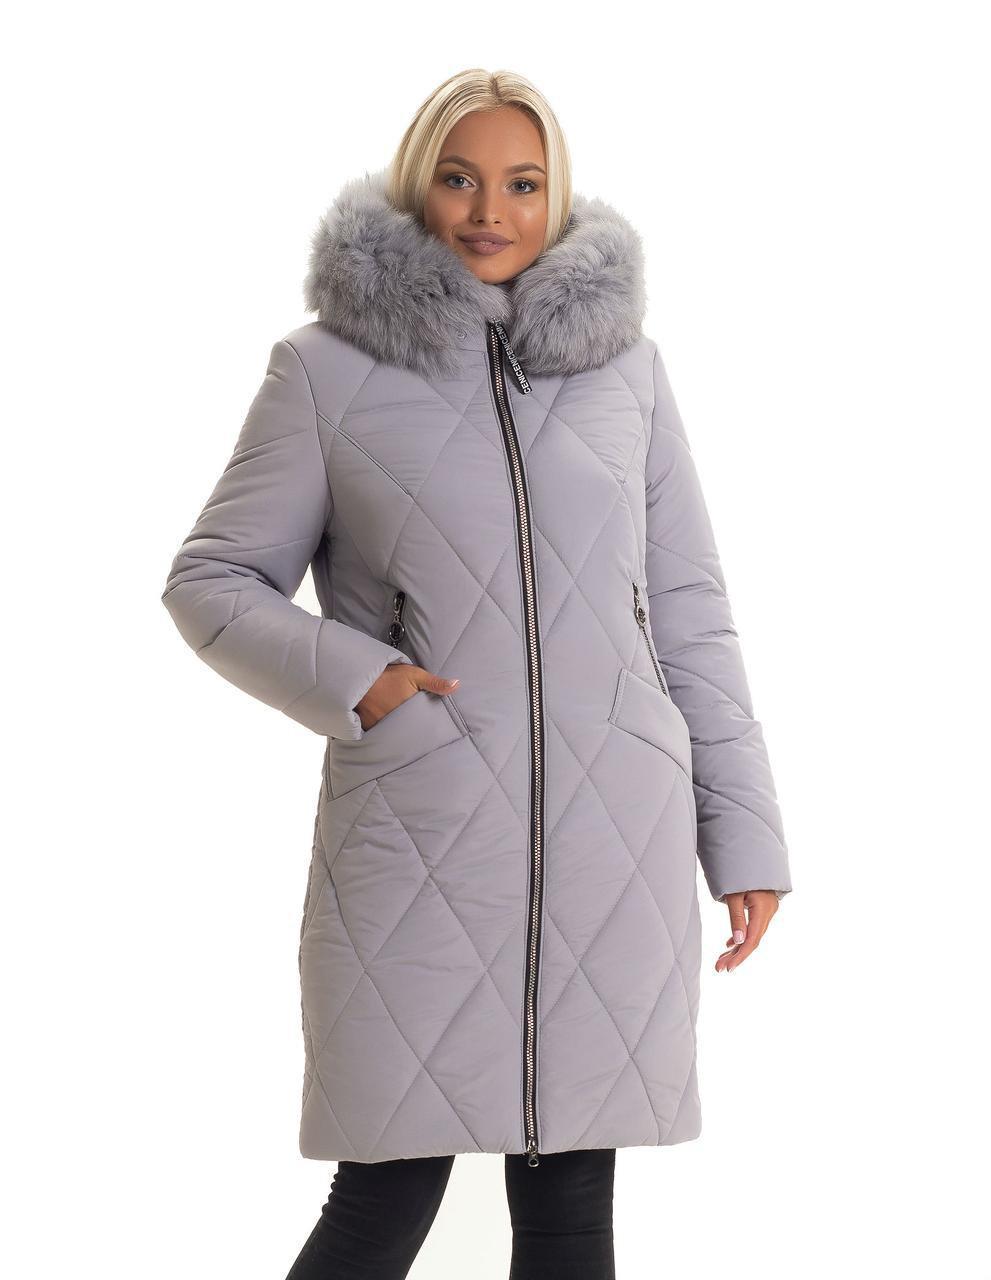 Молодёжный женский зимний пуховик / куртка серый с мехом песец батал большой размер 44 46 48 50 52 54 56